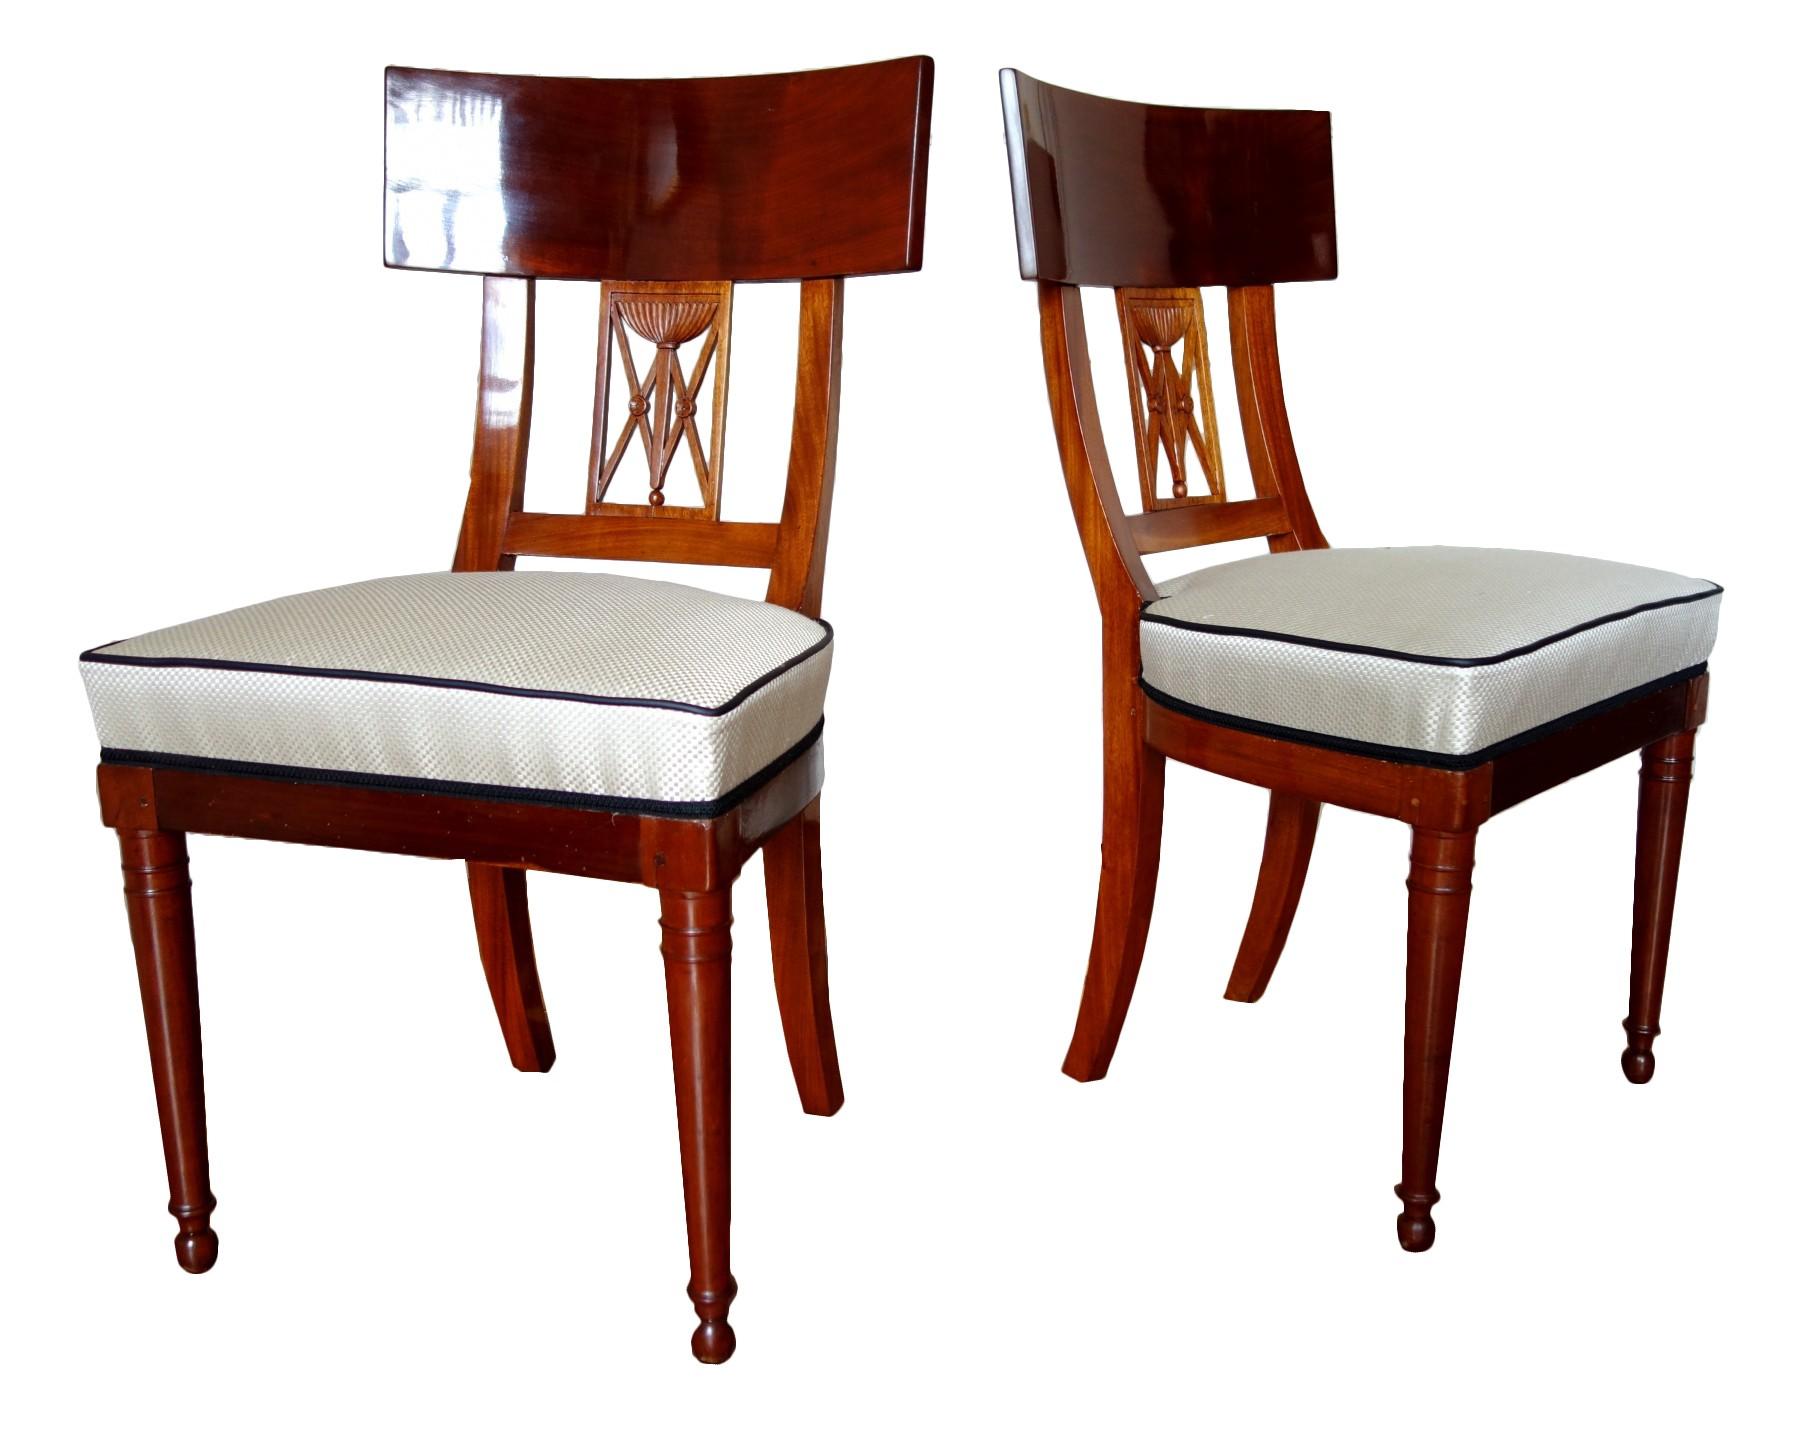 Chaise Salle A Manger Louis Xv série de six chaises de salle à manger d'époque consulat